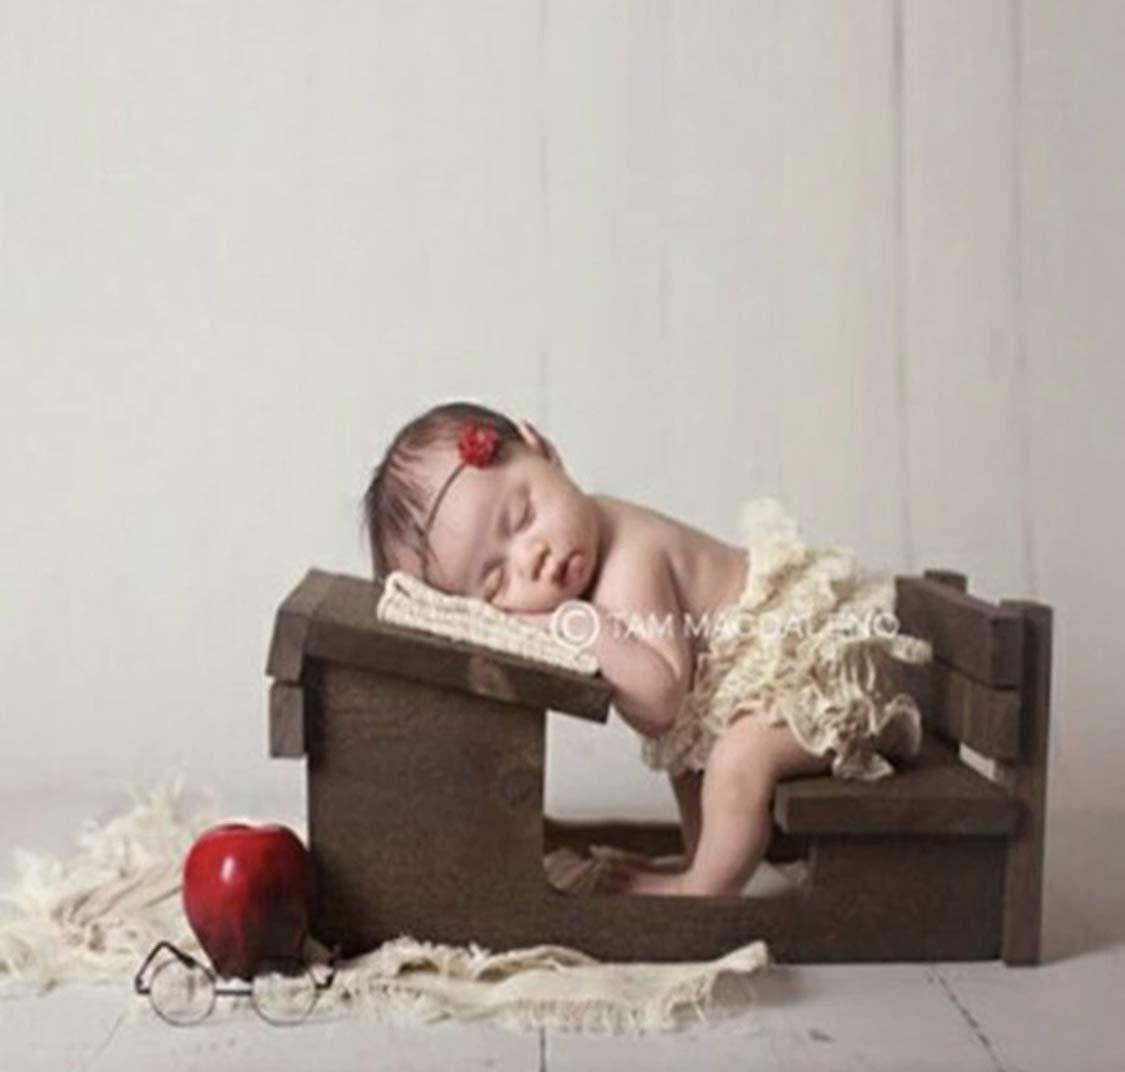 Dvotinst Newborn Photography Props Baby Posing Retro Mini Desk Chair Cute Wooden Fotografia Accessorio Studio Shoots Photo Props